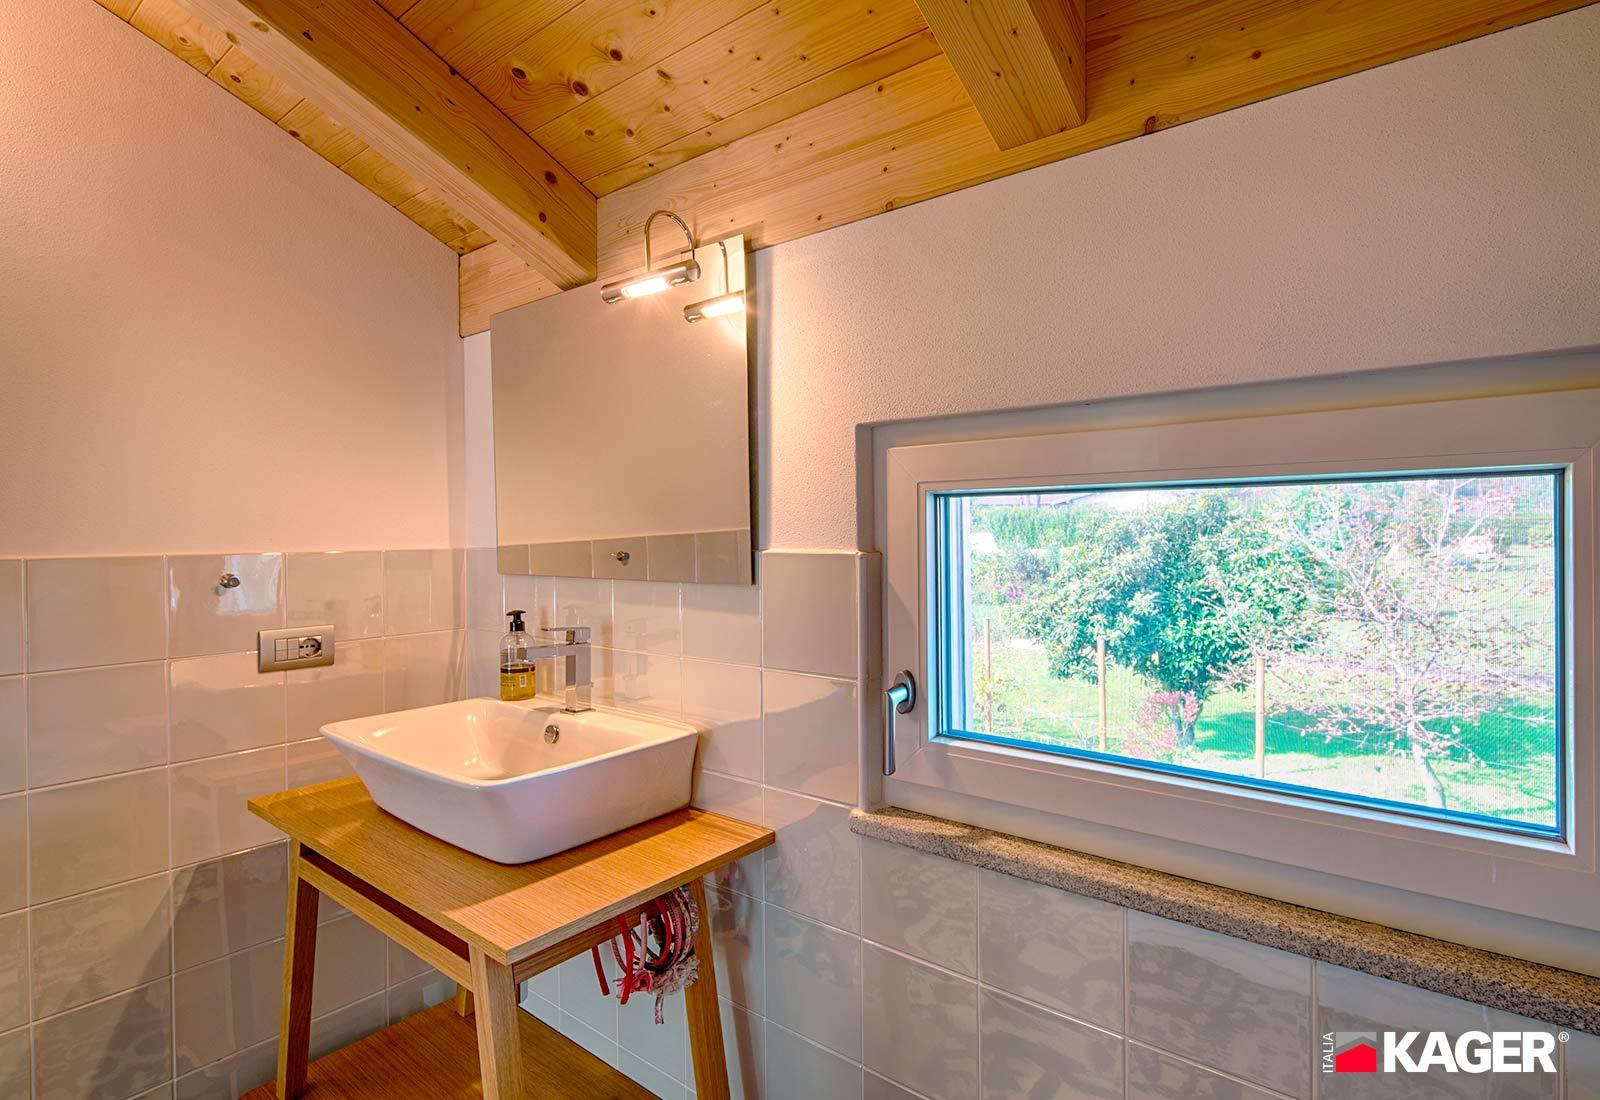 Casa-in-legno-Brebbia-Kager-Italia-11